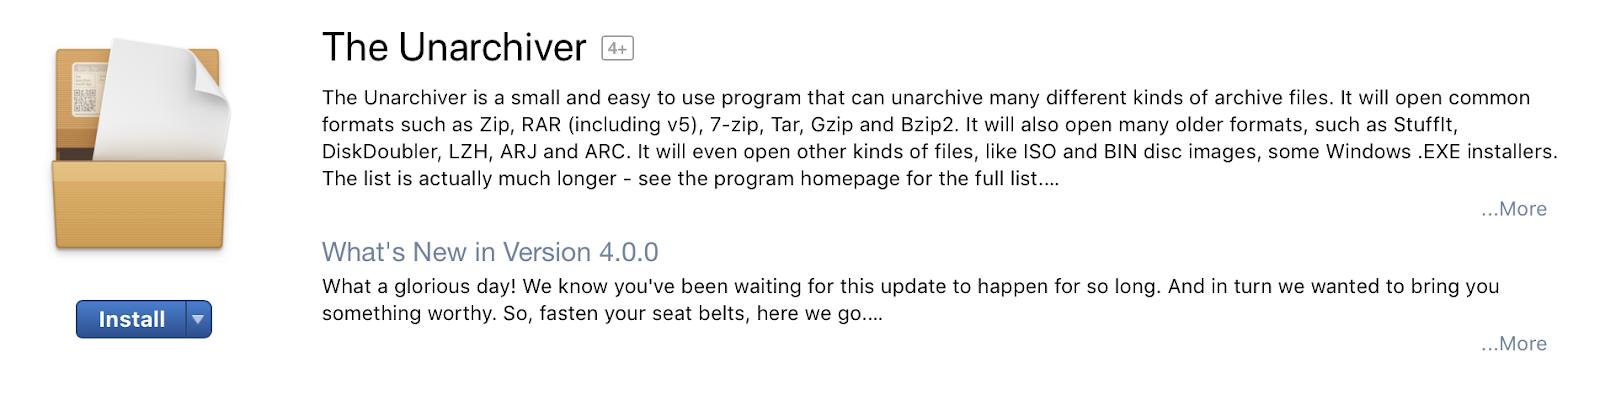 Cara Membuka File .rar di Mac menggunakan The Unarchiver